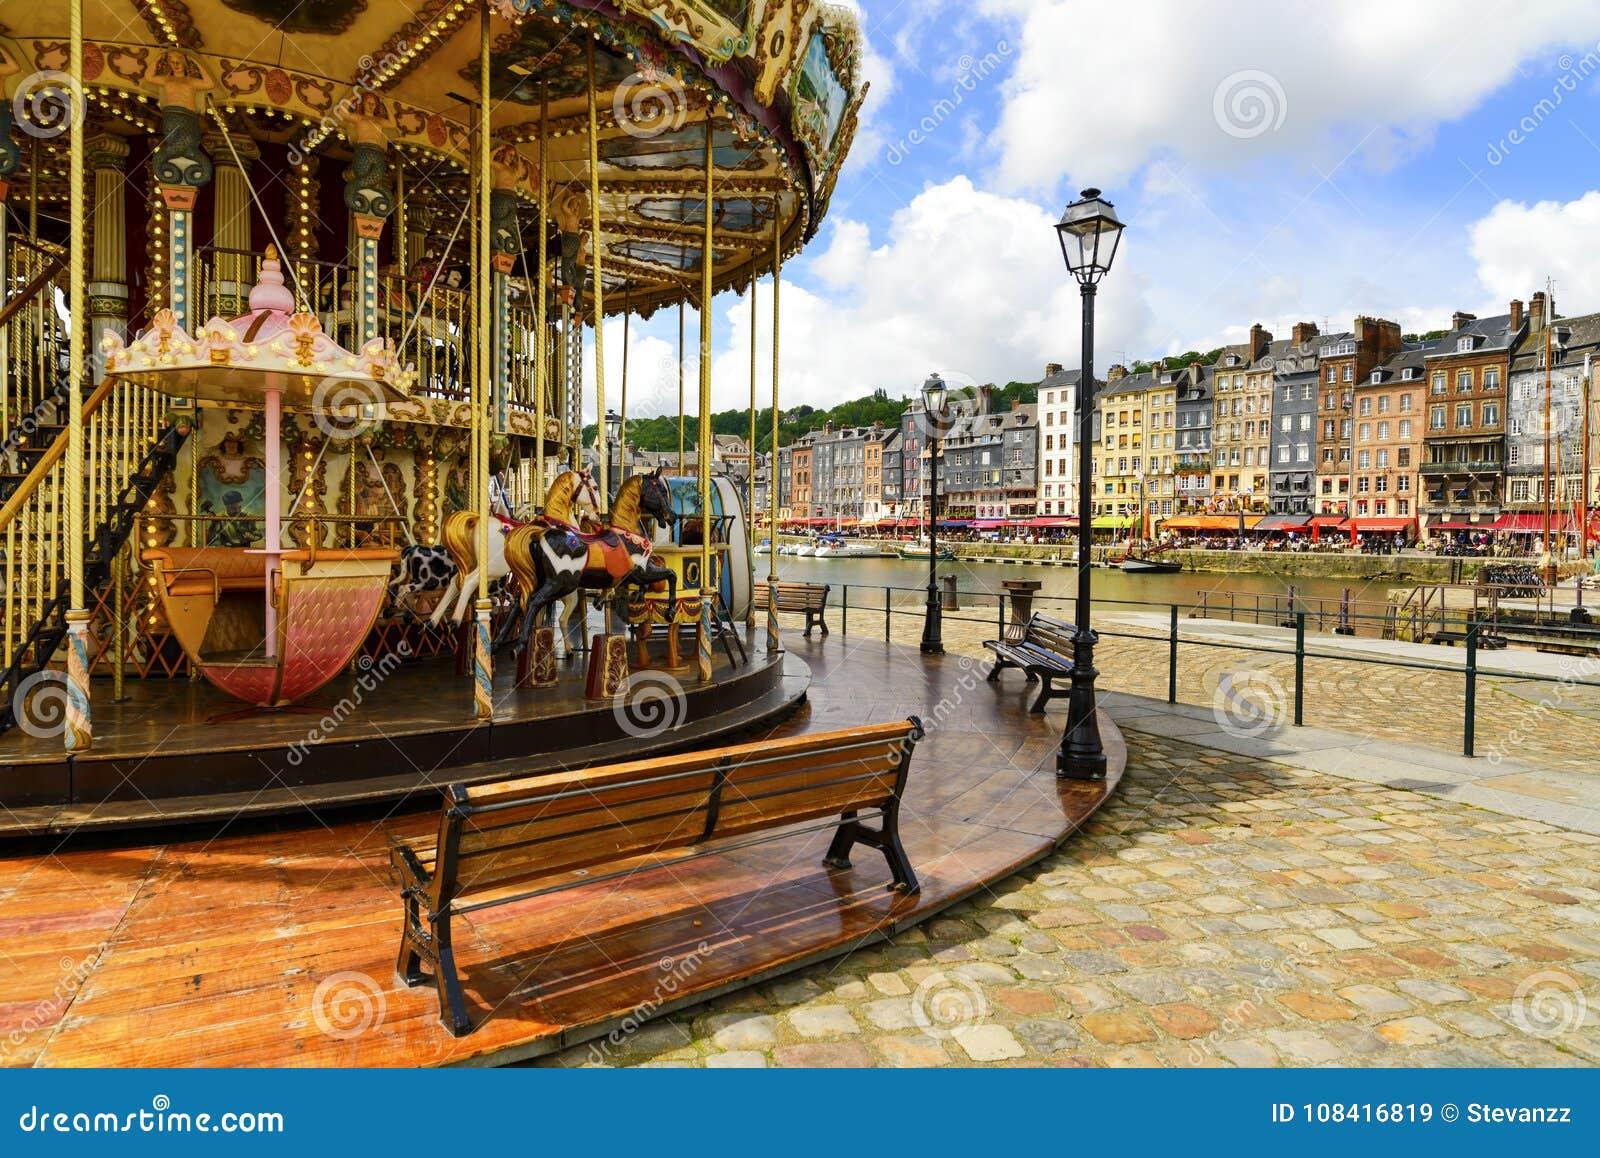 HONFLEUR NORMANDIE/FRANKRIKE - MAJ 23, 2013: Karusell i gammal vill